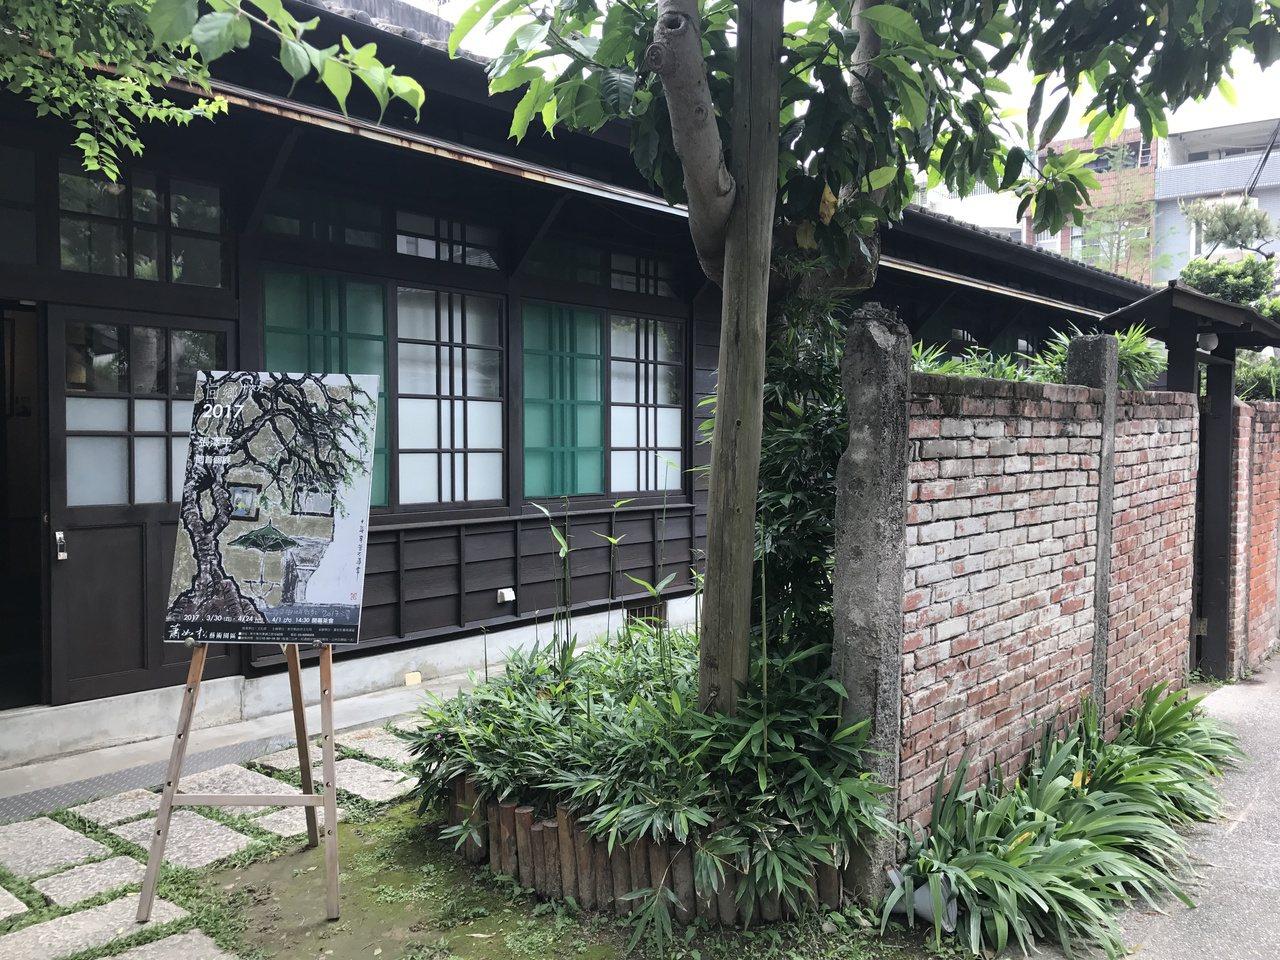 蕭如松藝術園區有5座日式建築,經常成為藝術家展覽場所,也吸引不少攝影愛好者前往取...